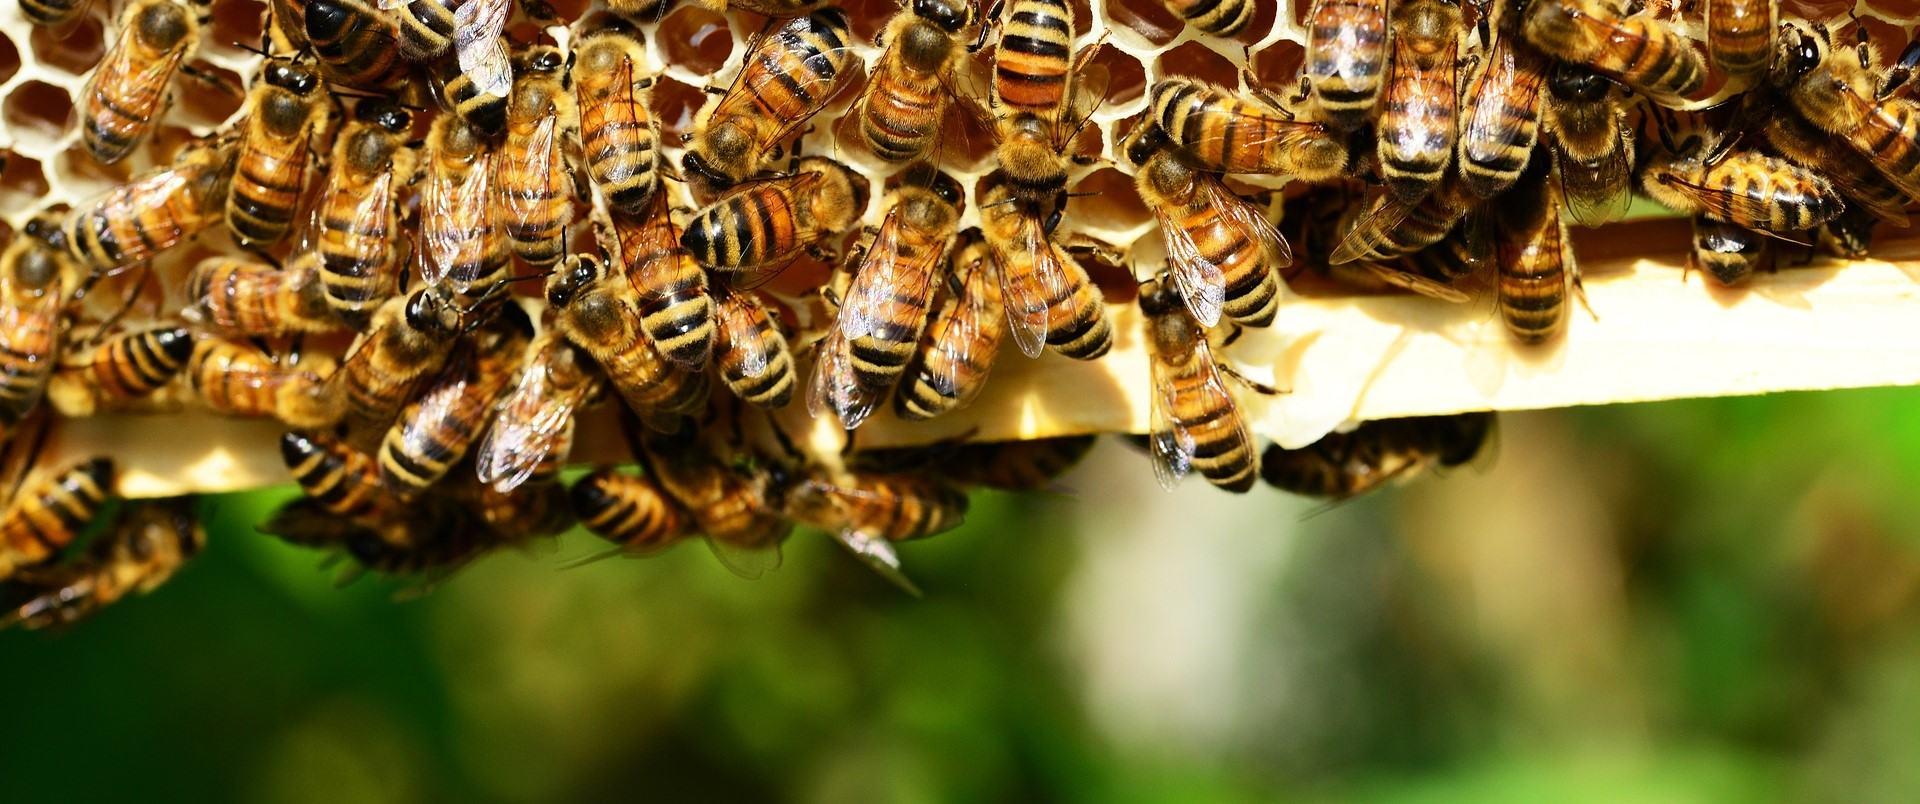 Bénévole pour les abeilles, aider la coop, promouvoir apiculture responsable